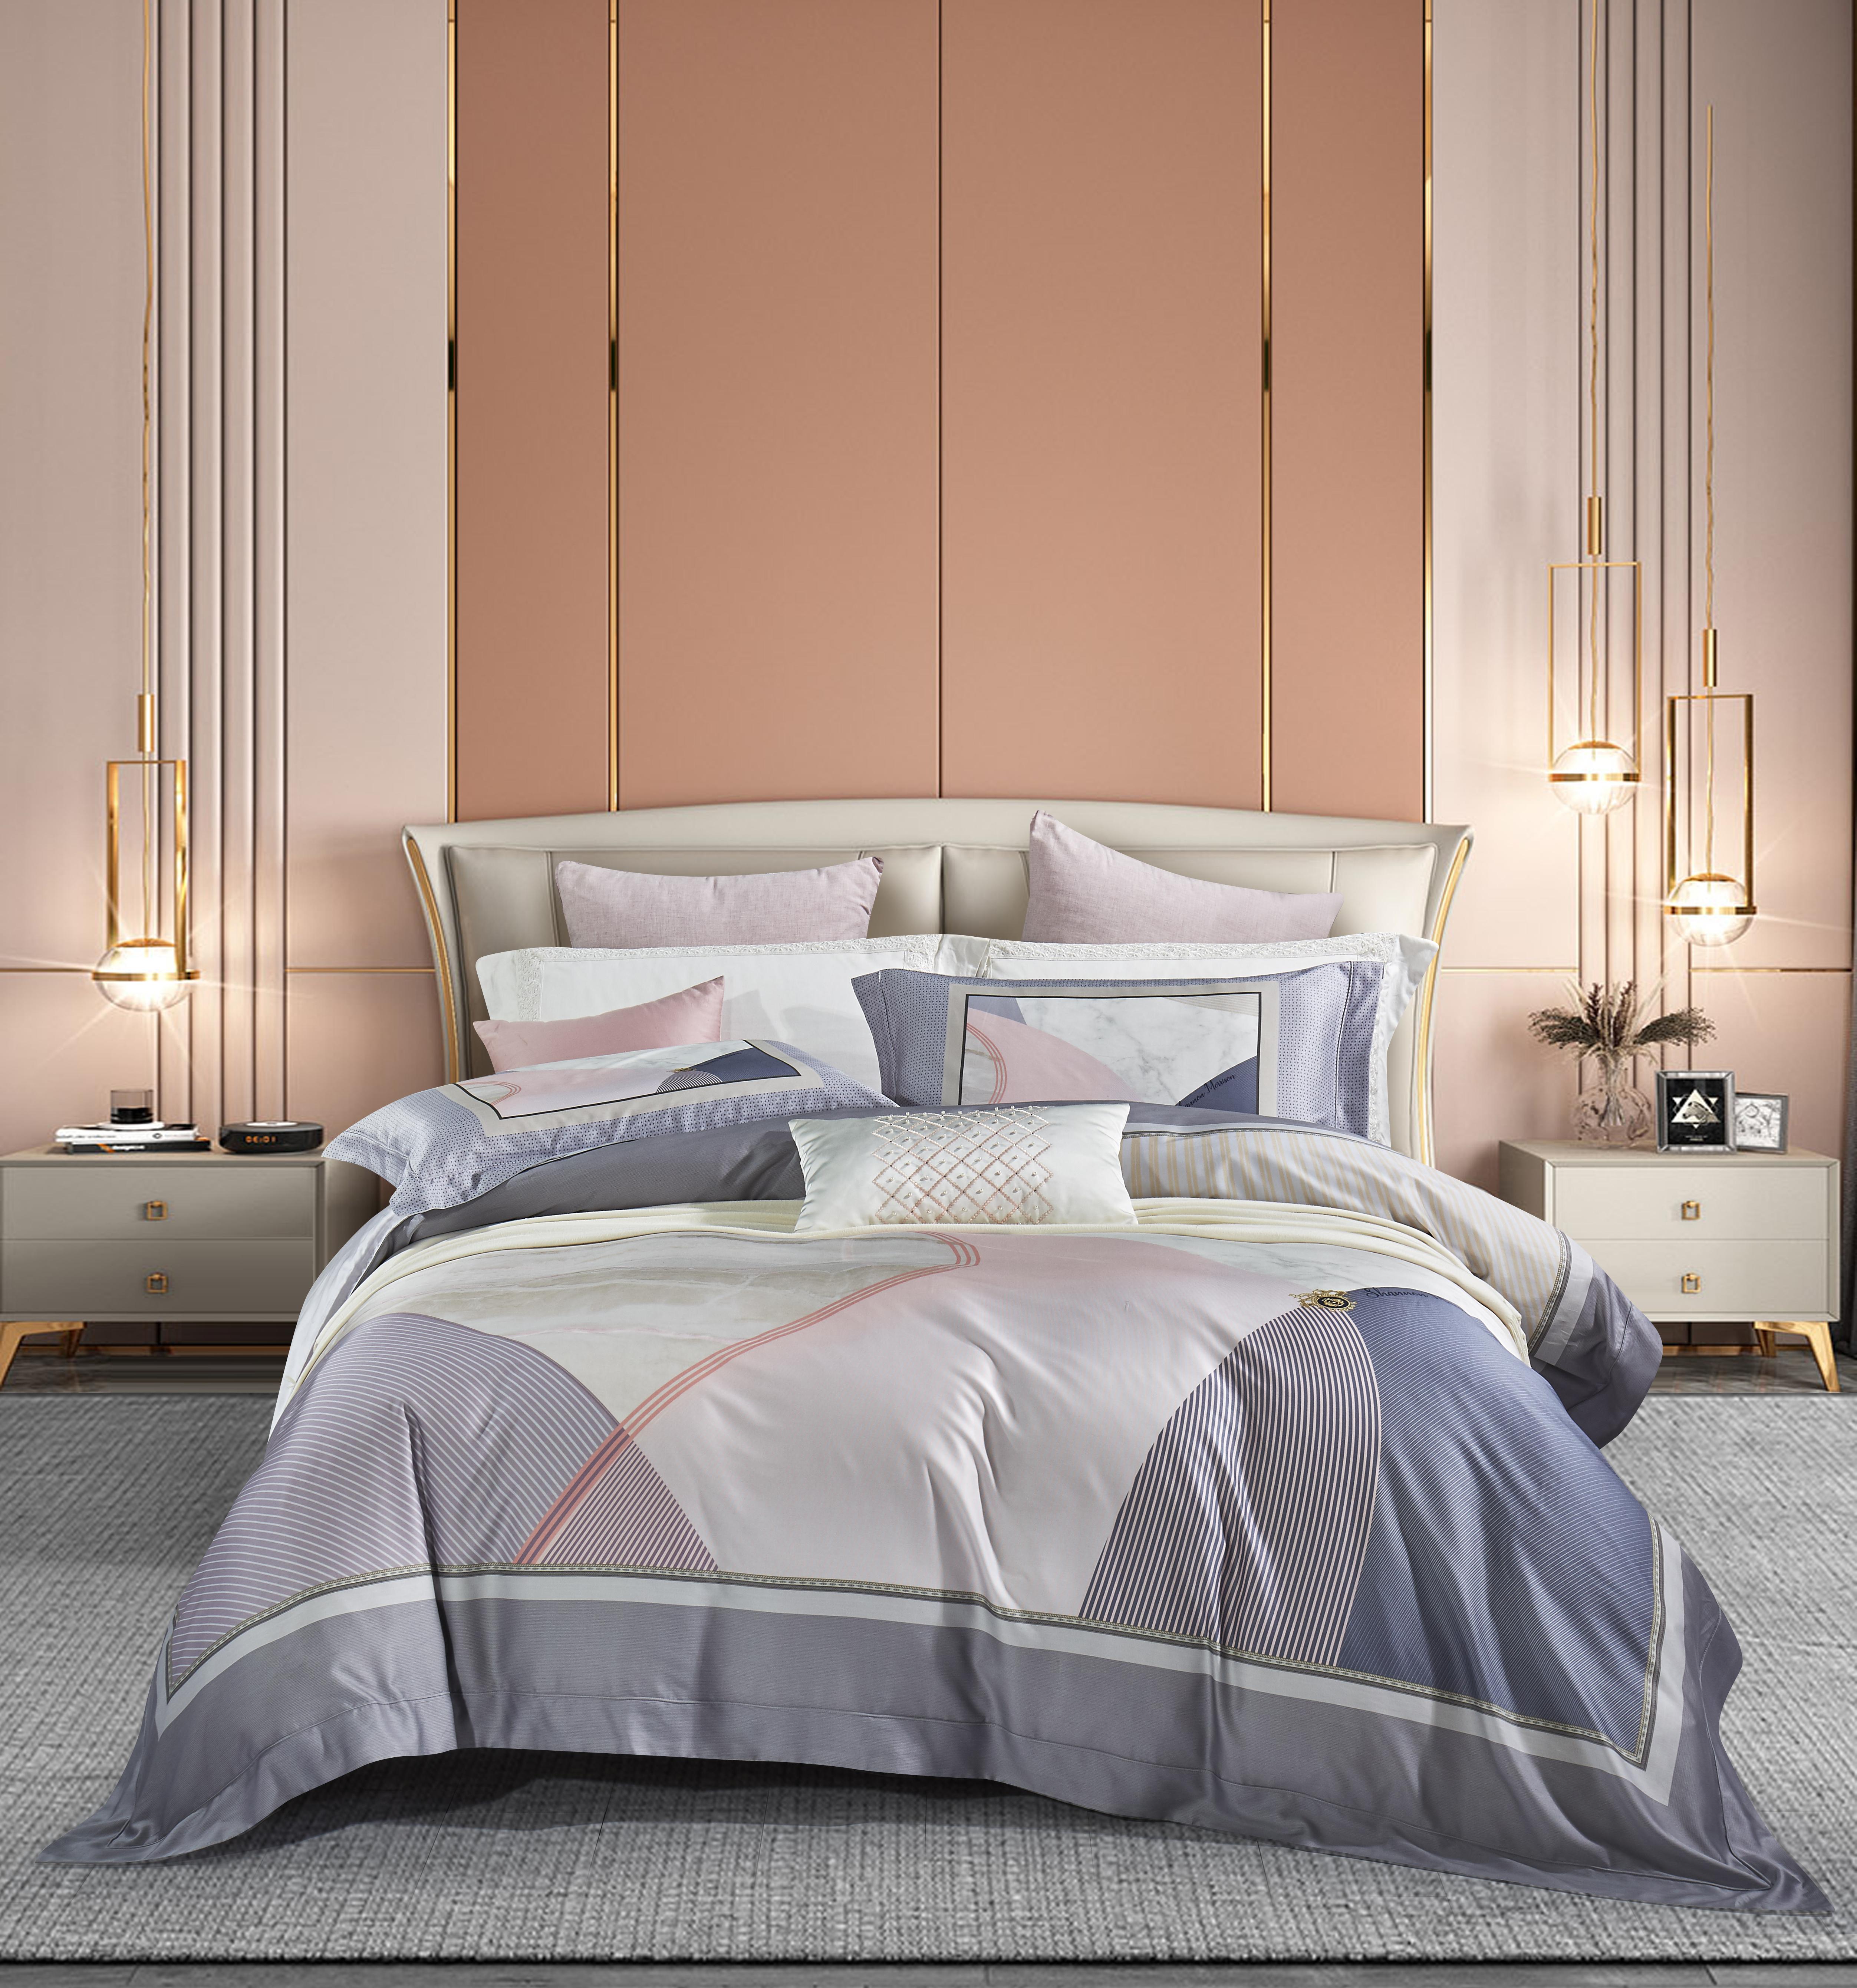 80奢華棉床蓋四件套-阿曼達